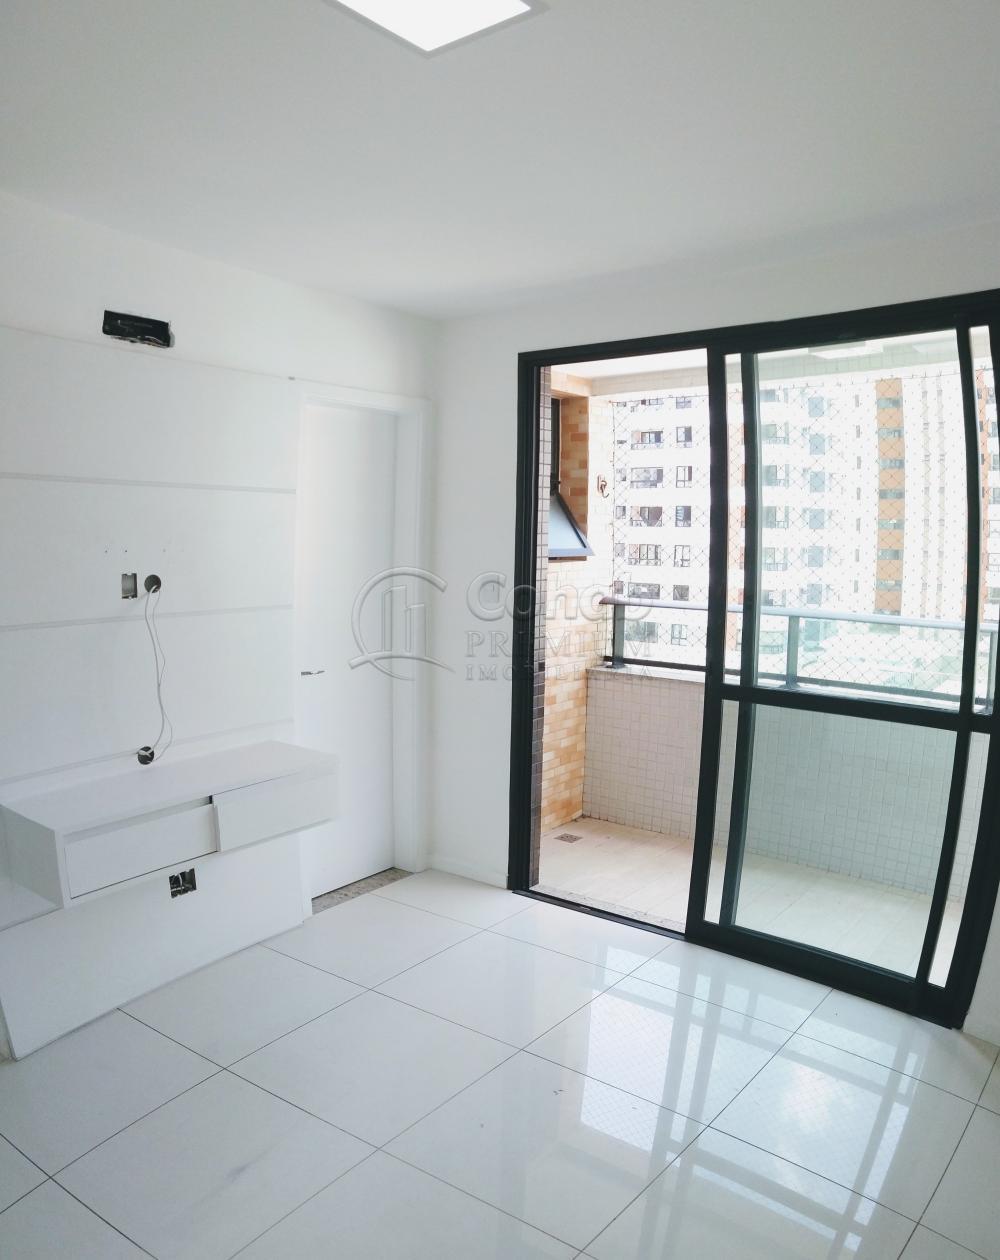 Alugar Apartamento / Padrão em Aracaju apenas R$ 3.000,00 - Foto 13